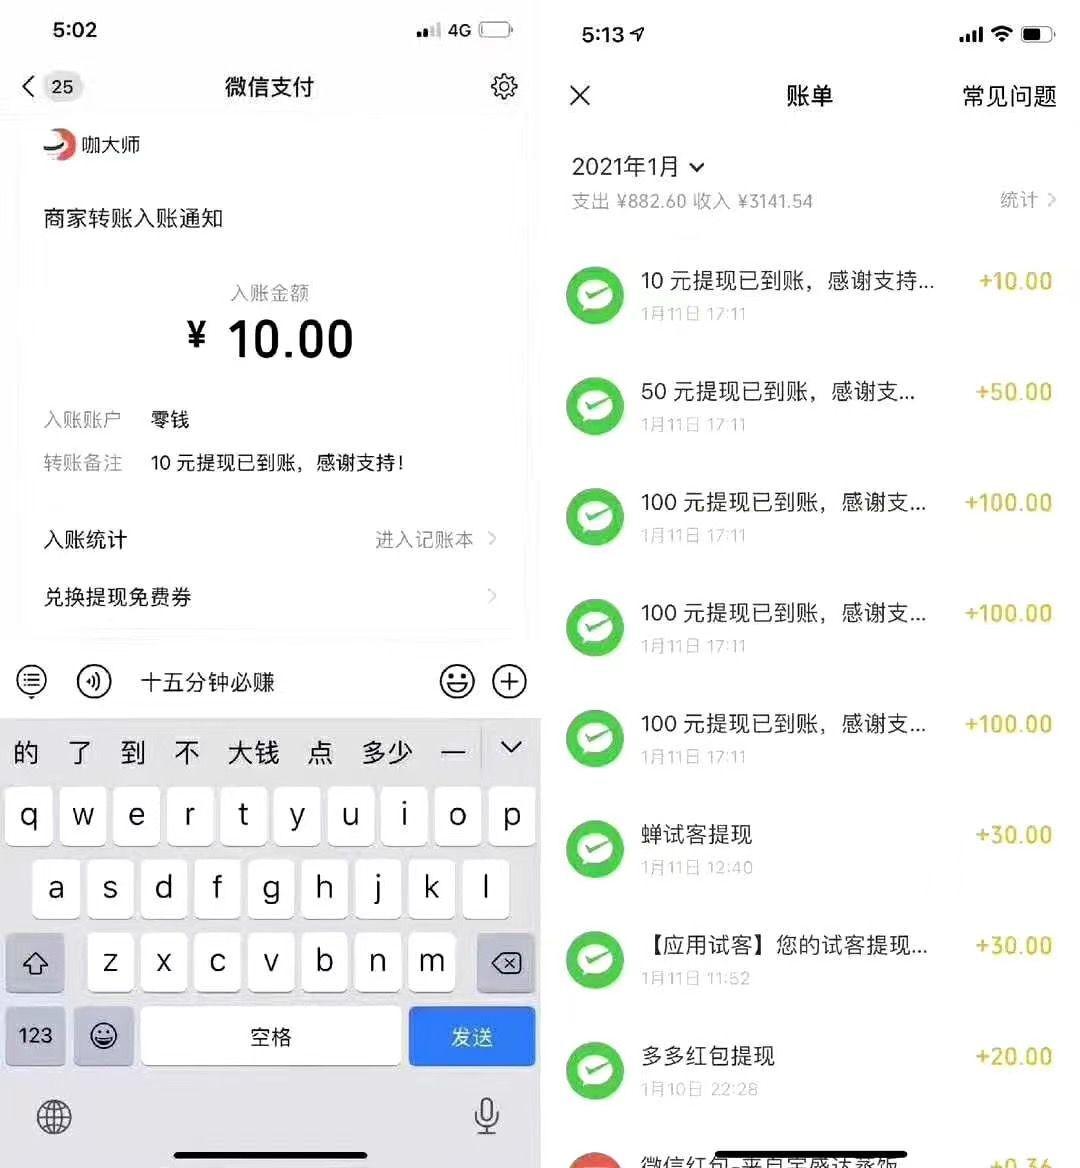 【免费项目】安卓苹果手机轻松日赚100+  白嫖 第3张